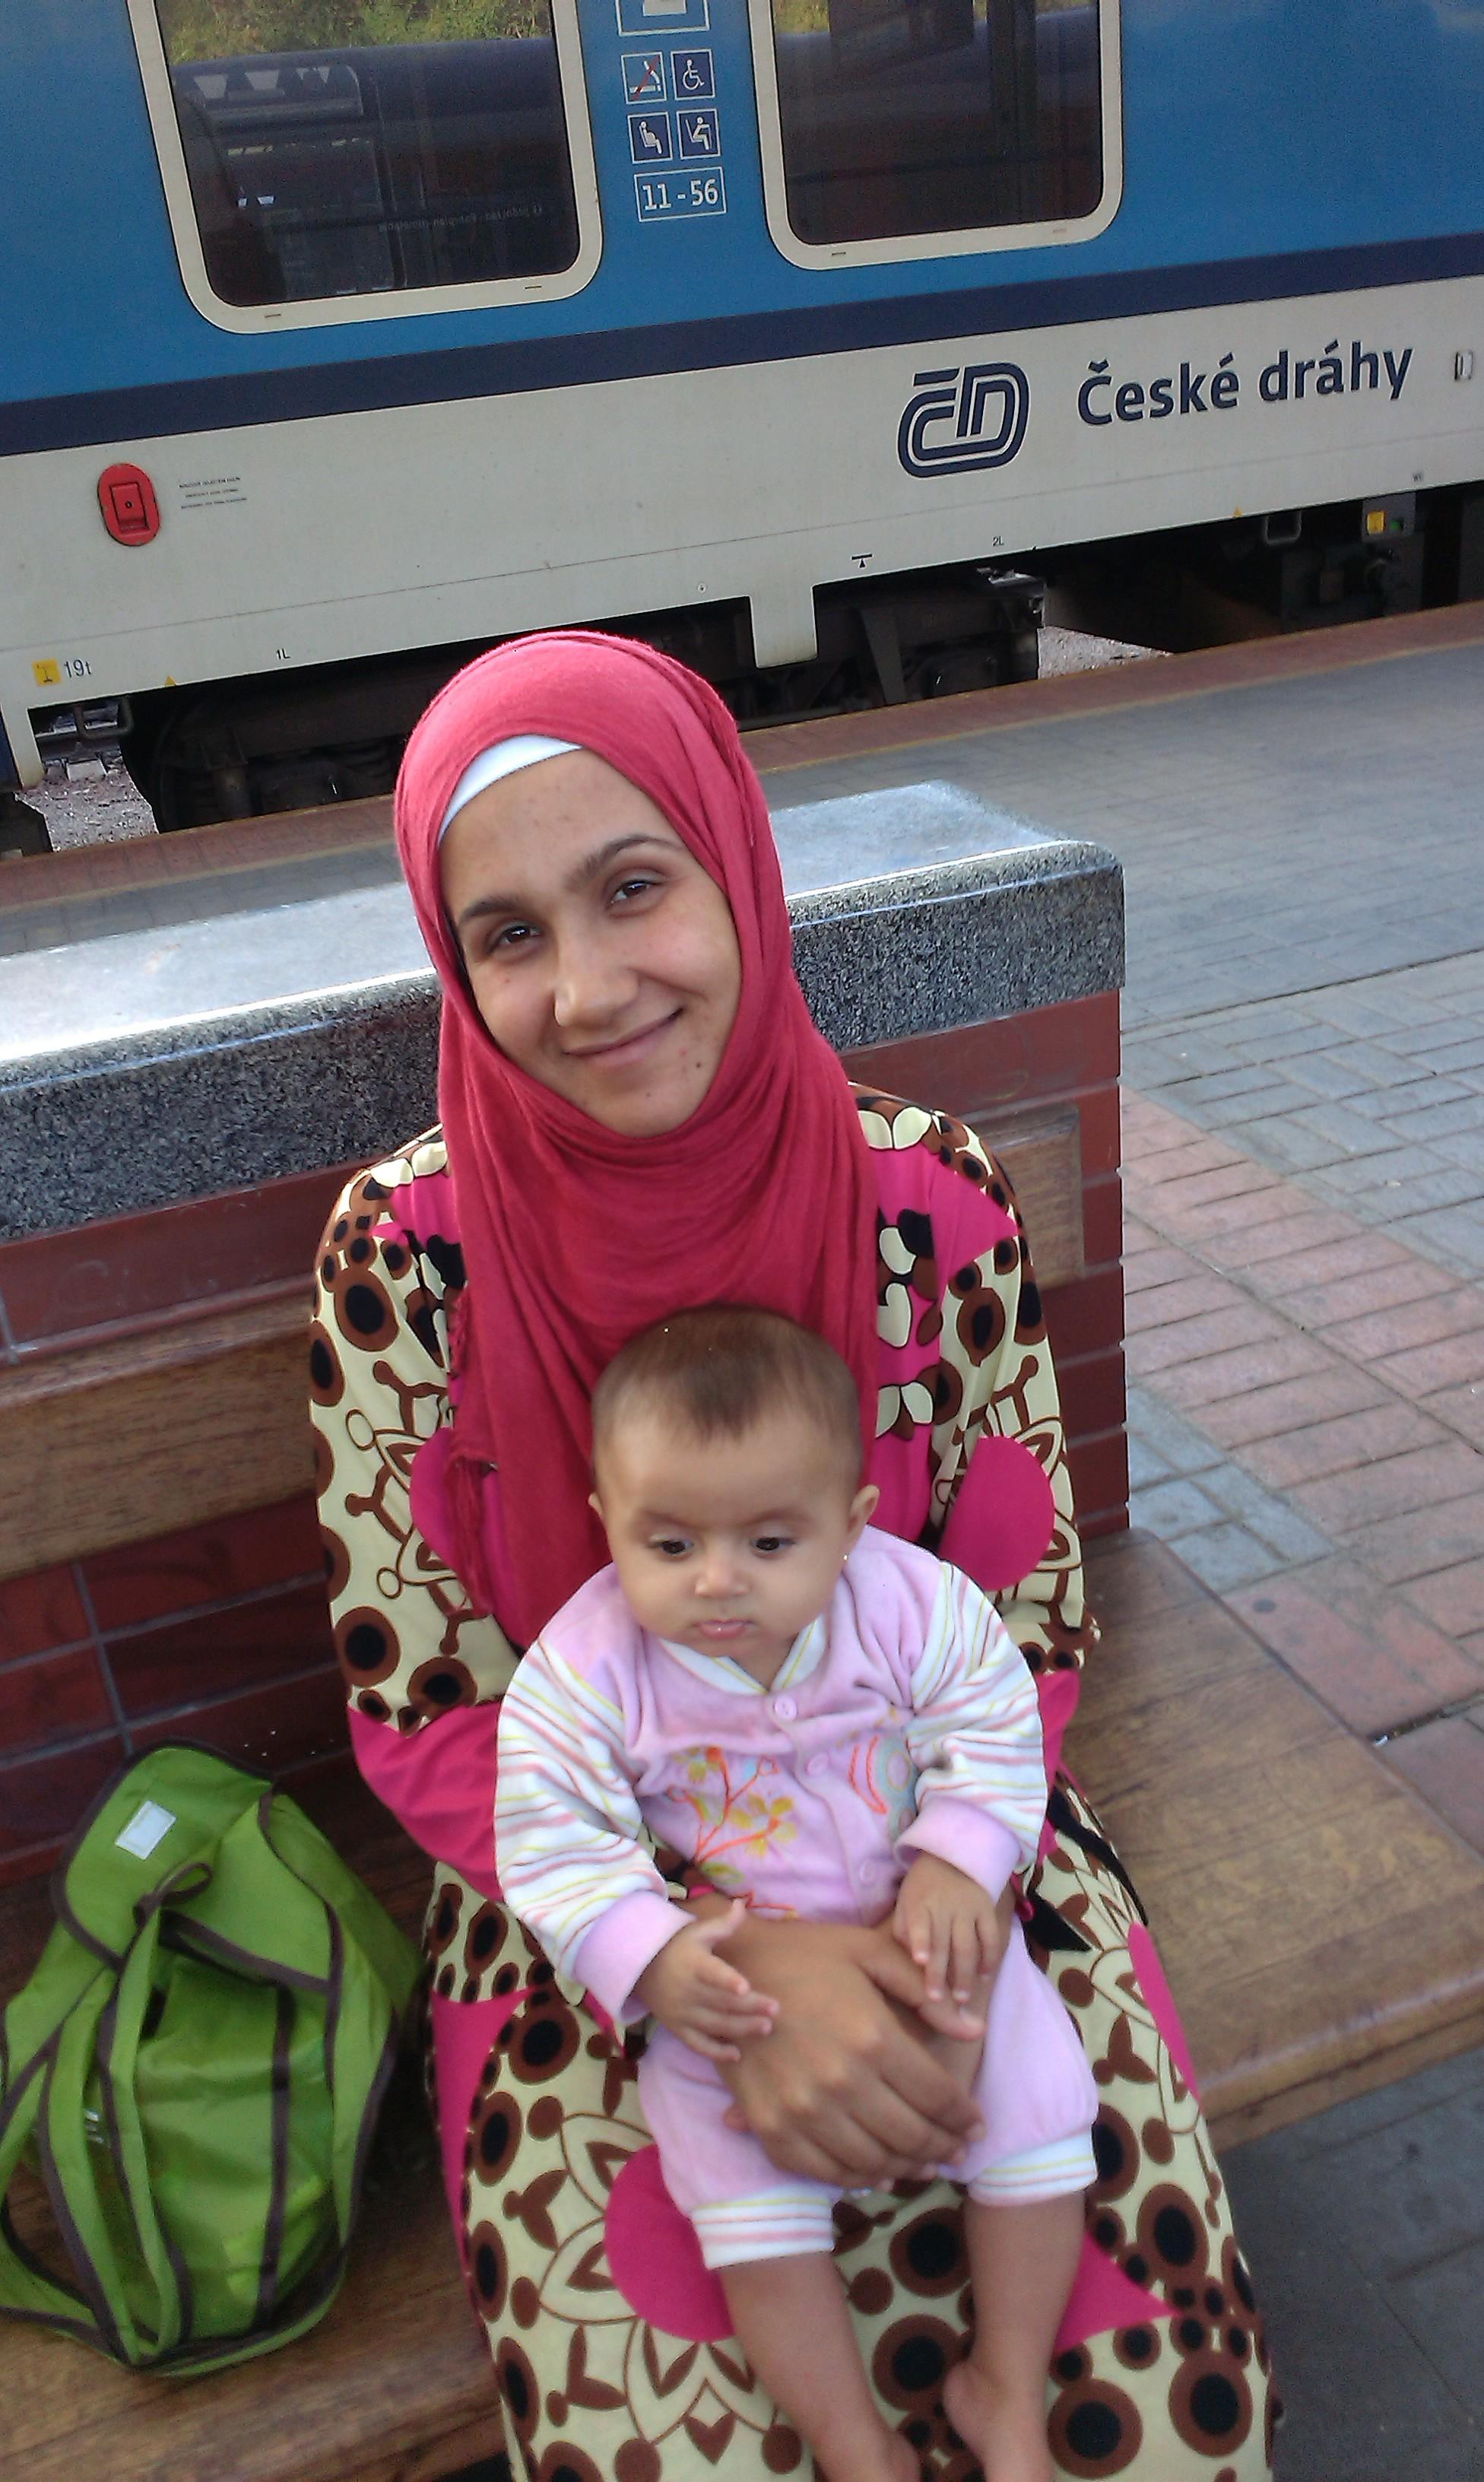 5b_Syrská matka s jedním ze svýchdětí při čekání na vlak do Berlína